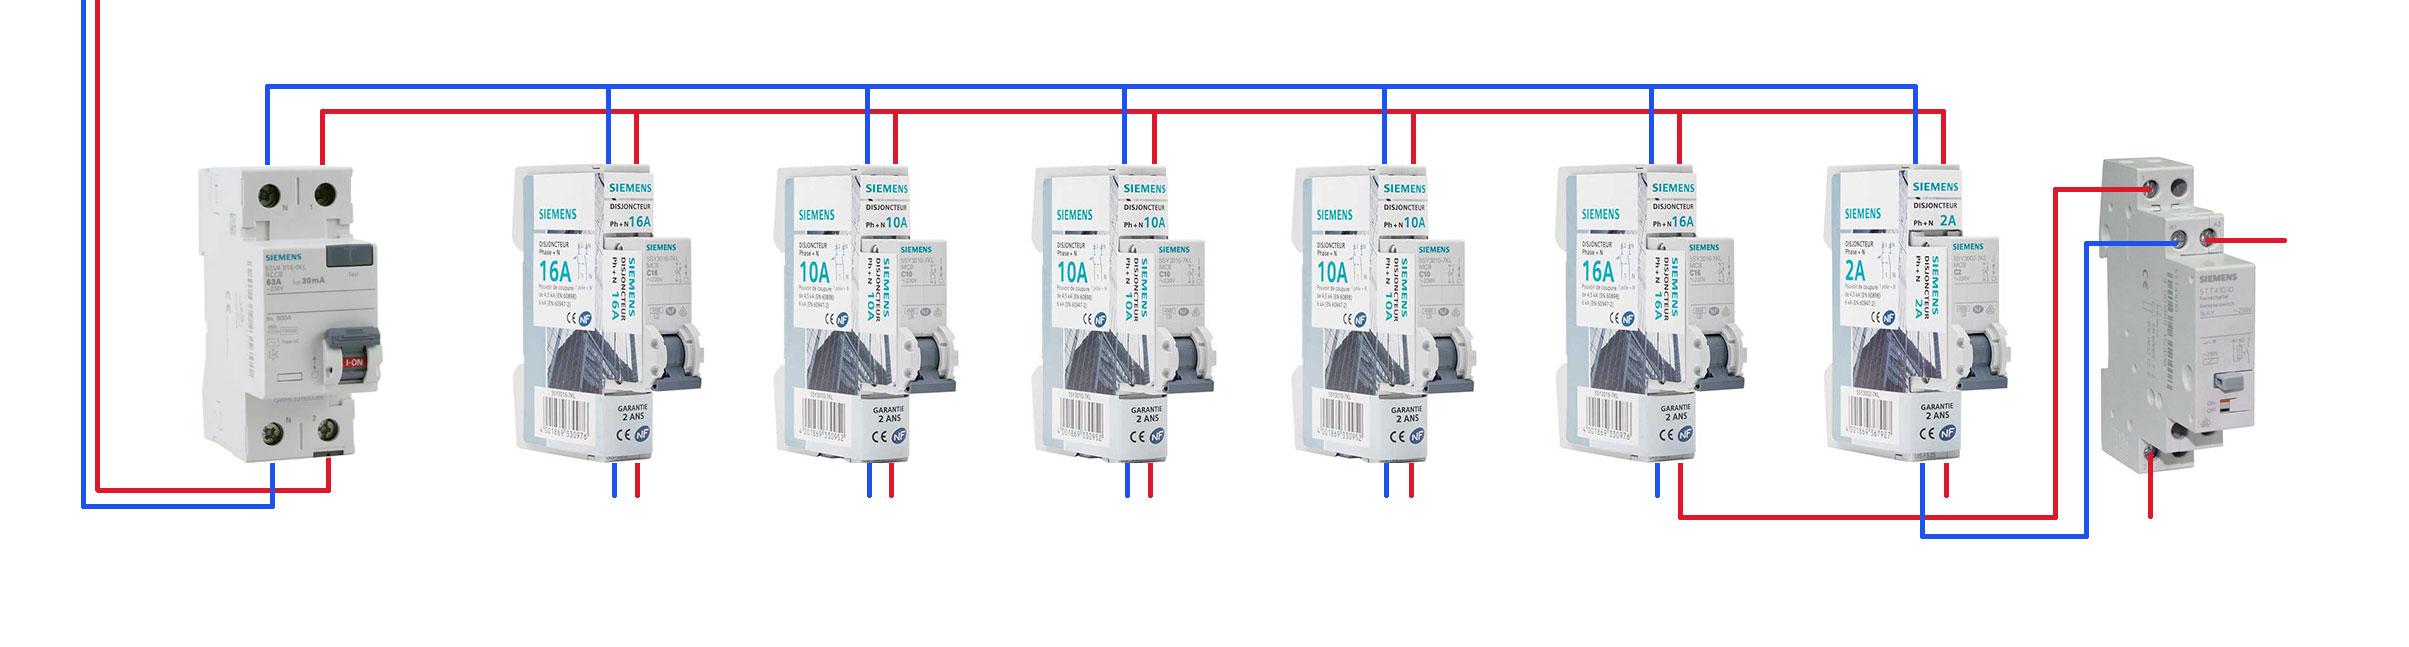 Exemple d'organisation d'une rangée de tableau électrique